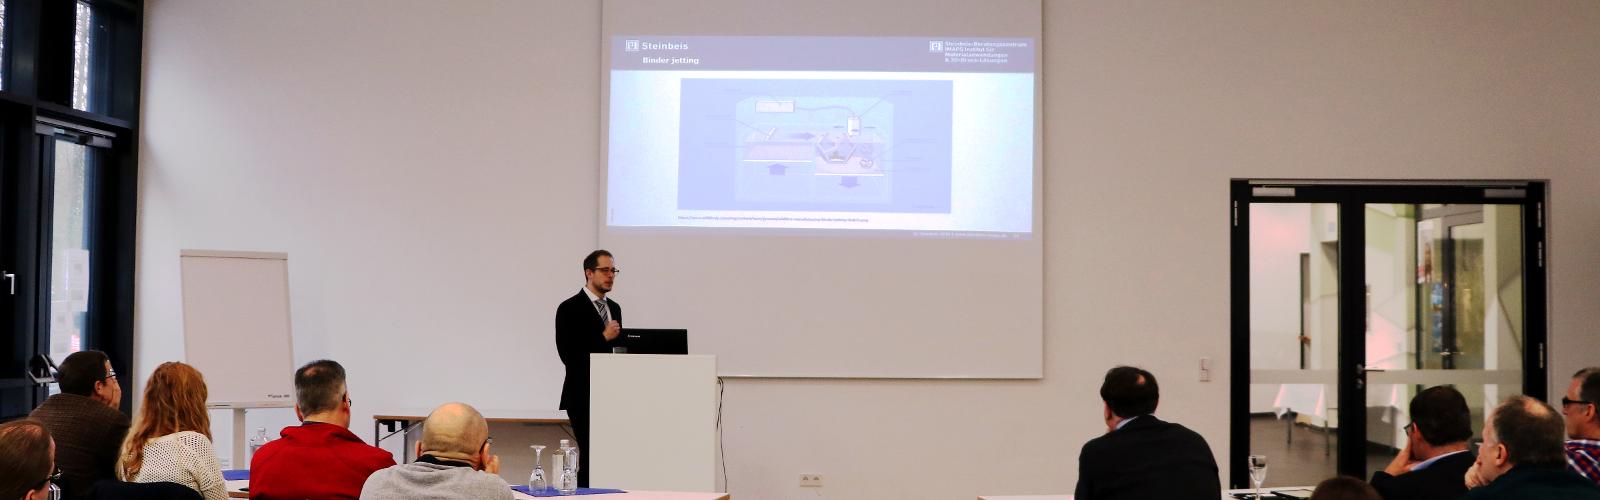 Vergangene Veranstaltungen: Industrie 4.0: Additive Fertigung